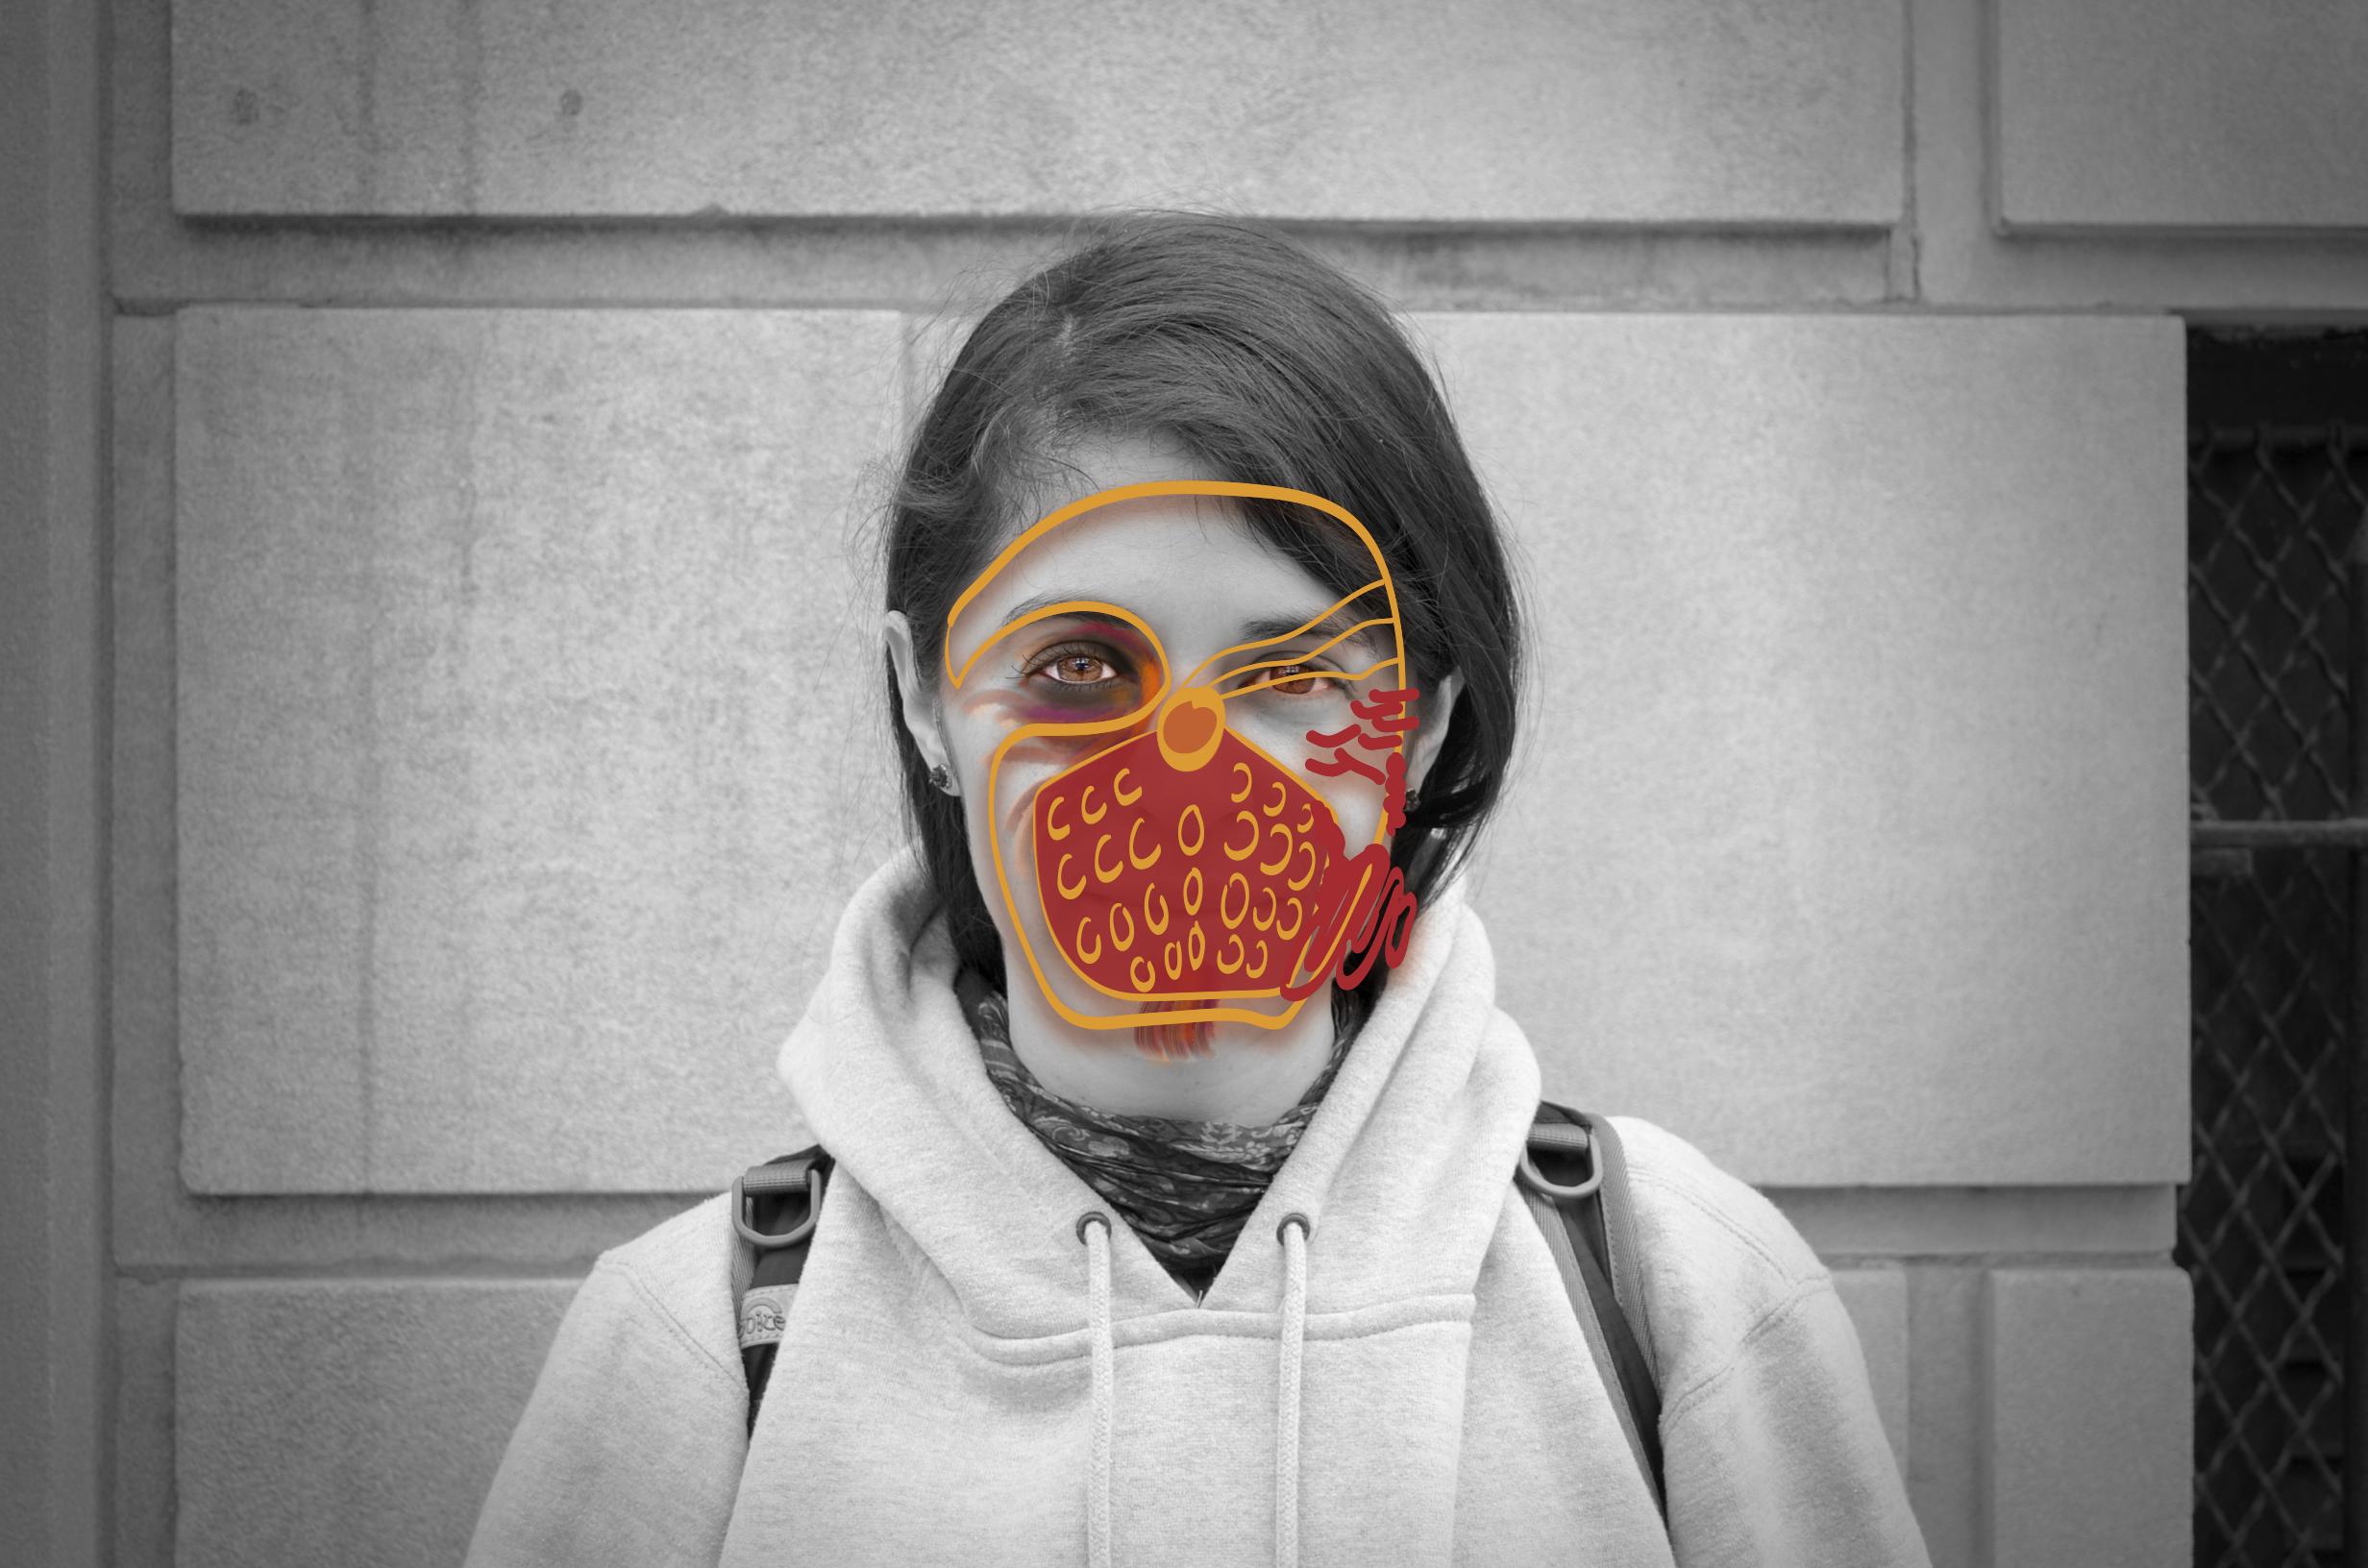 Amanda_face painted_exp1.jpg